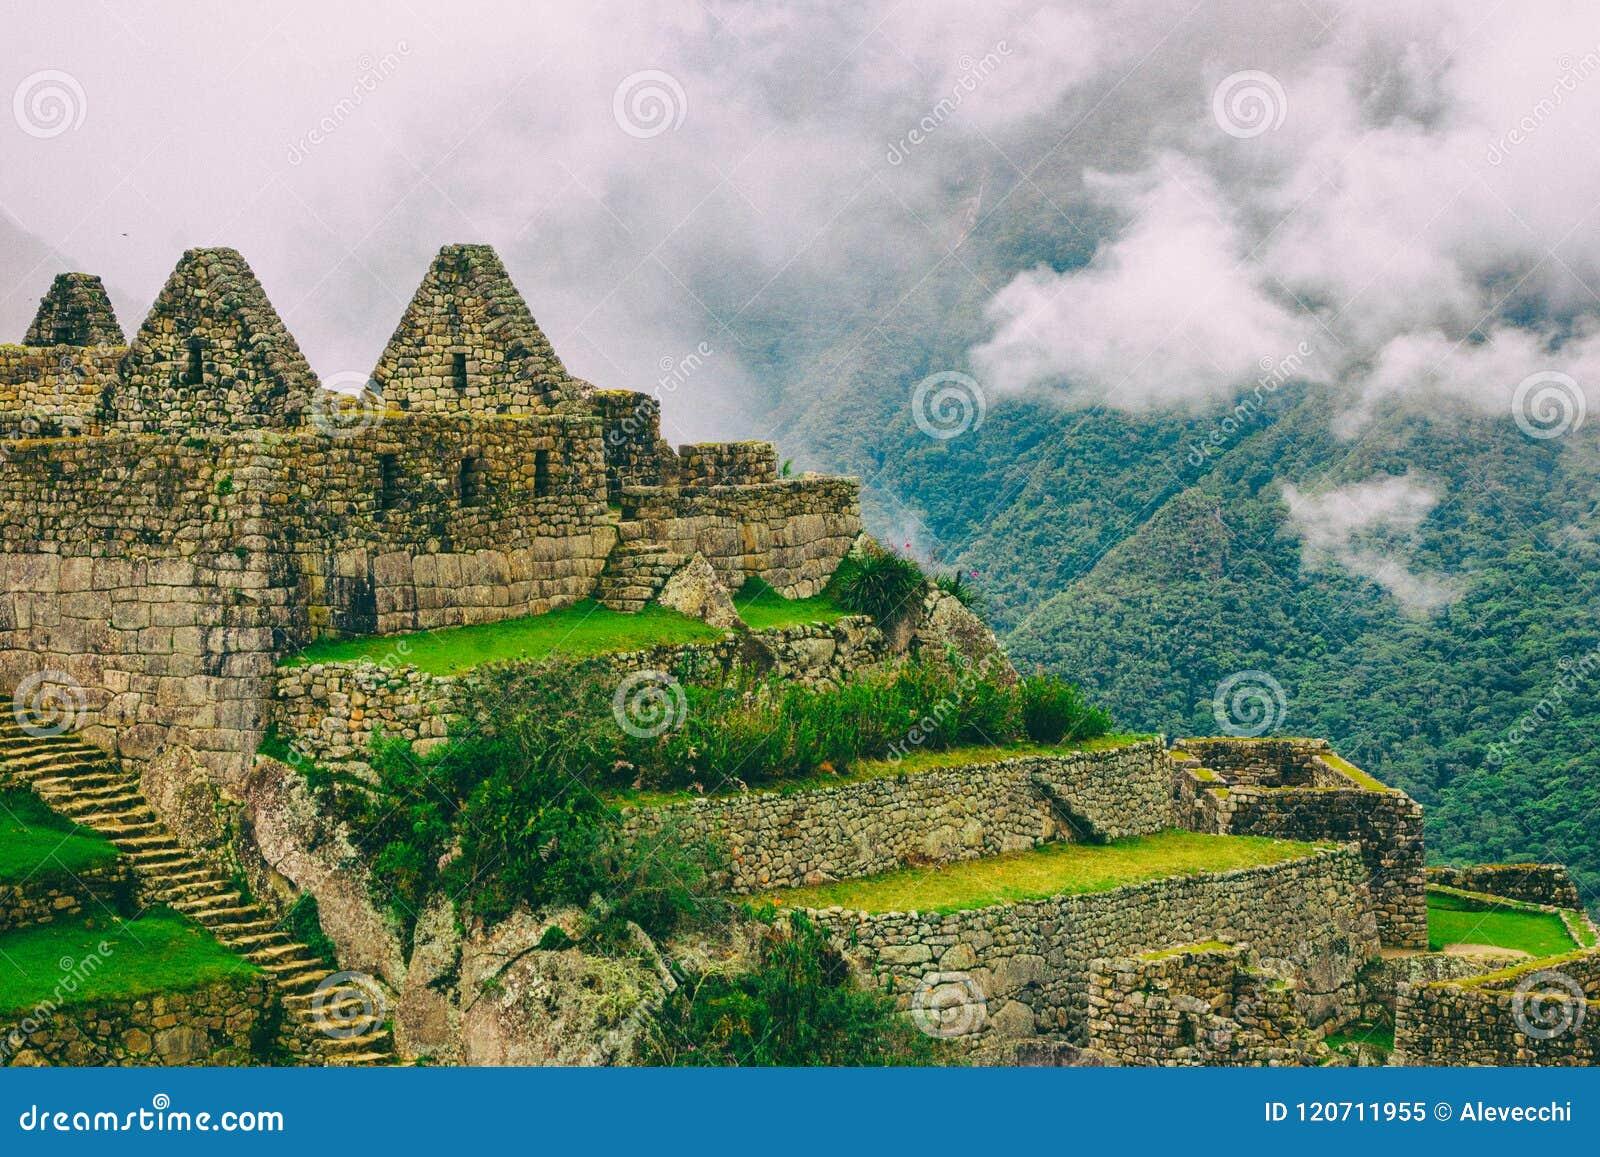 Castillos Perdidos Encima De Una Montaña Imagen De Archivo